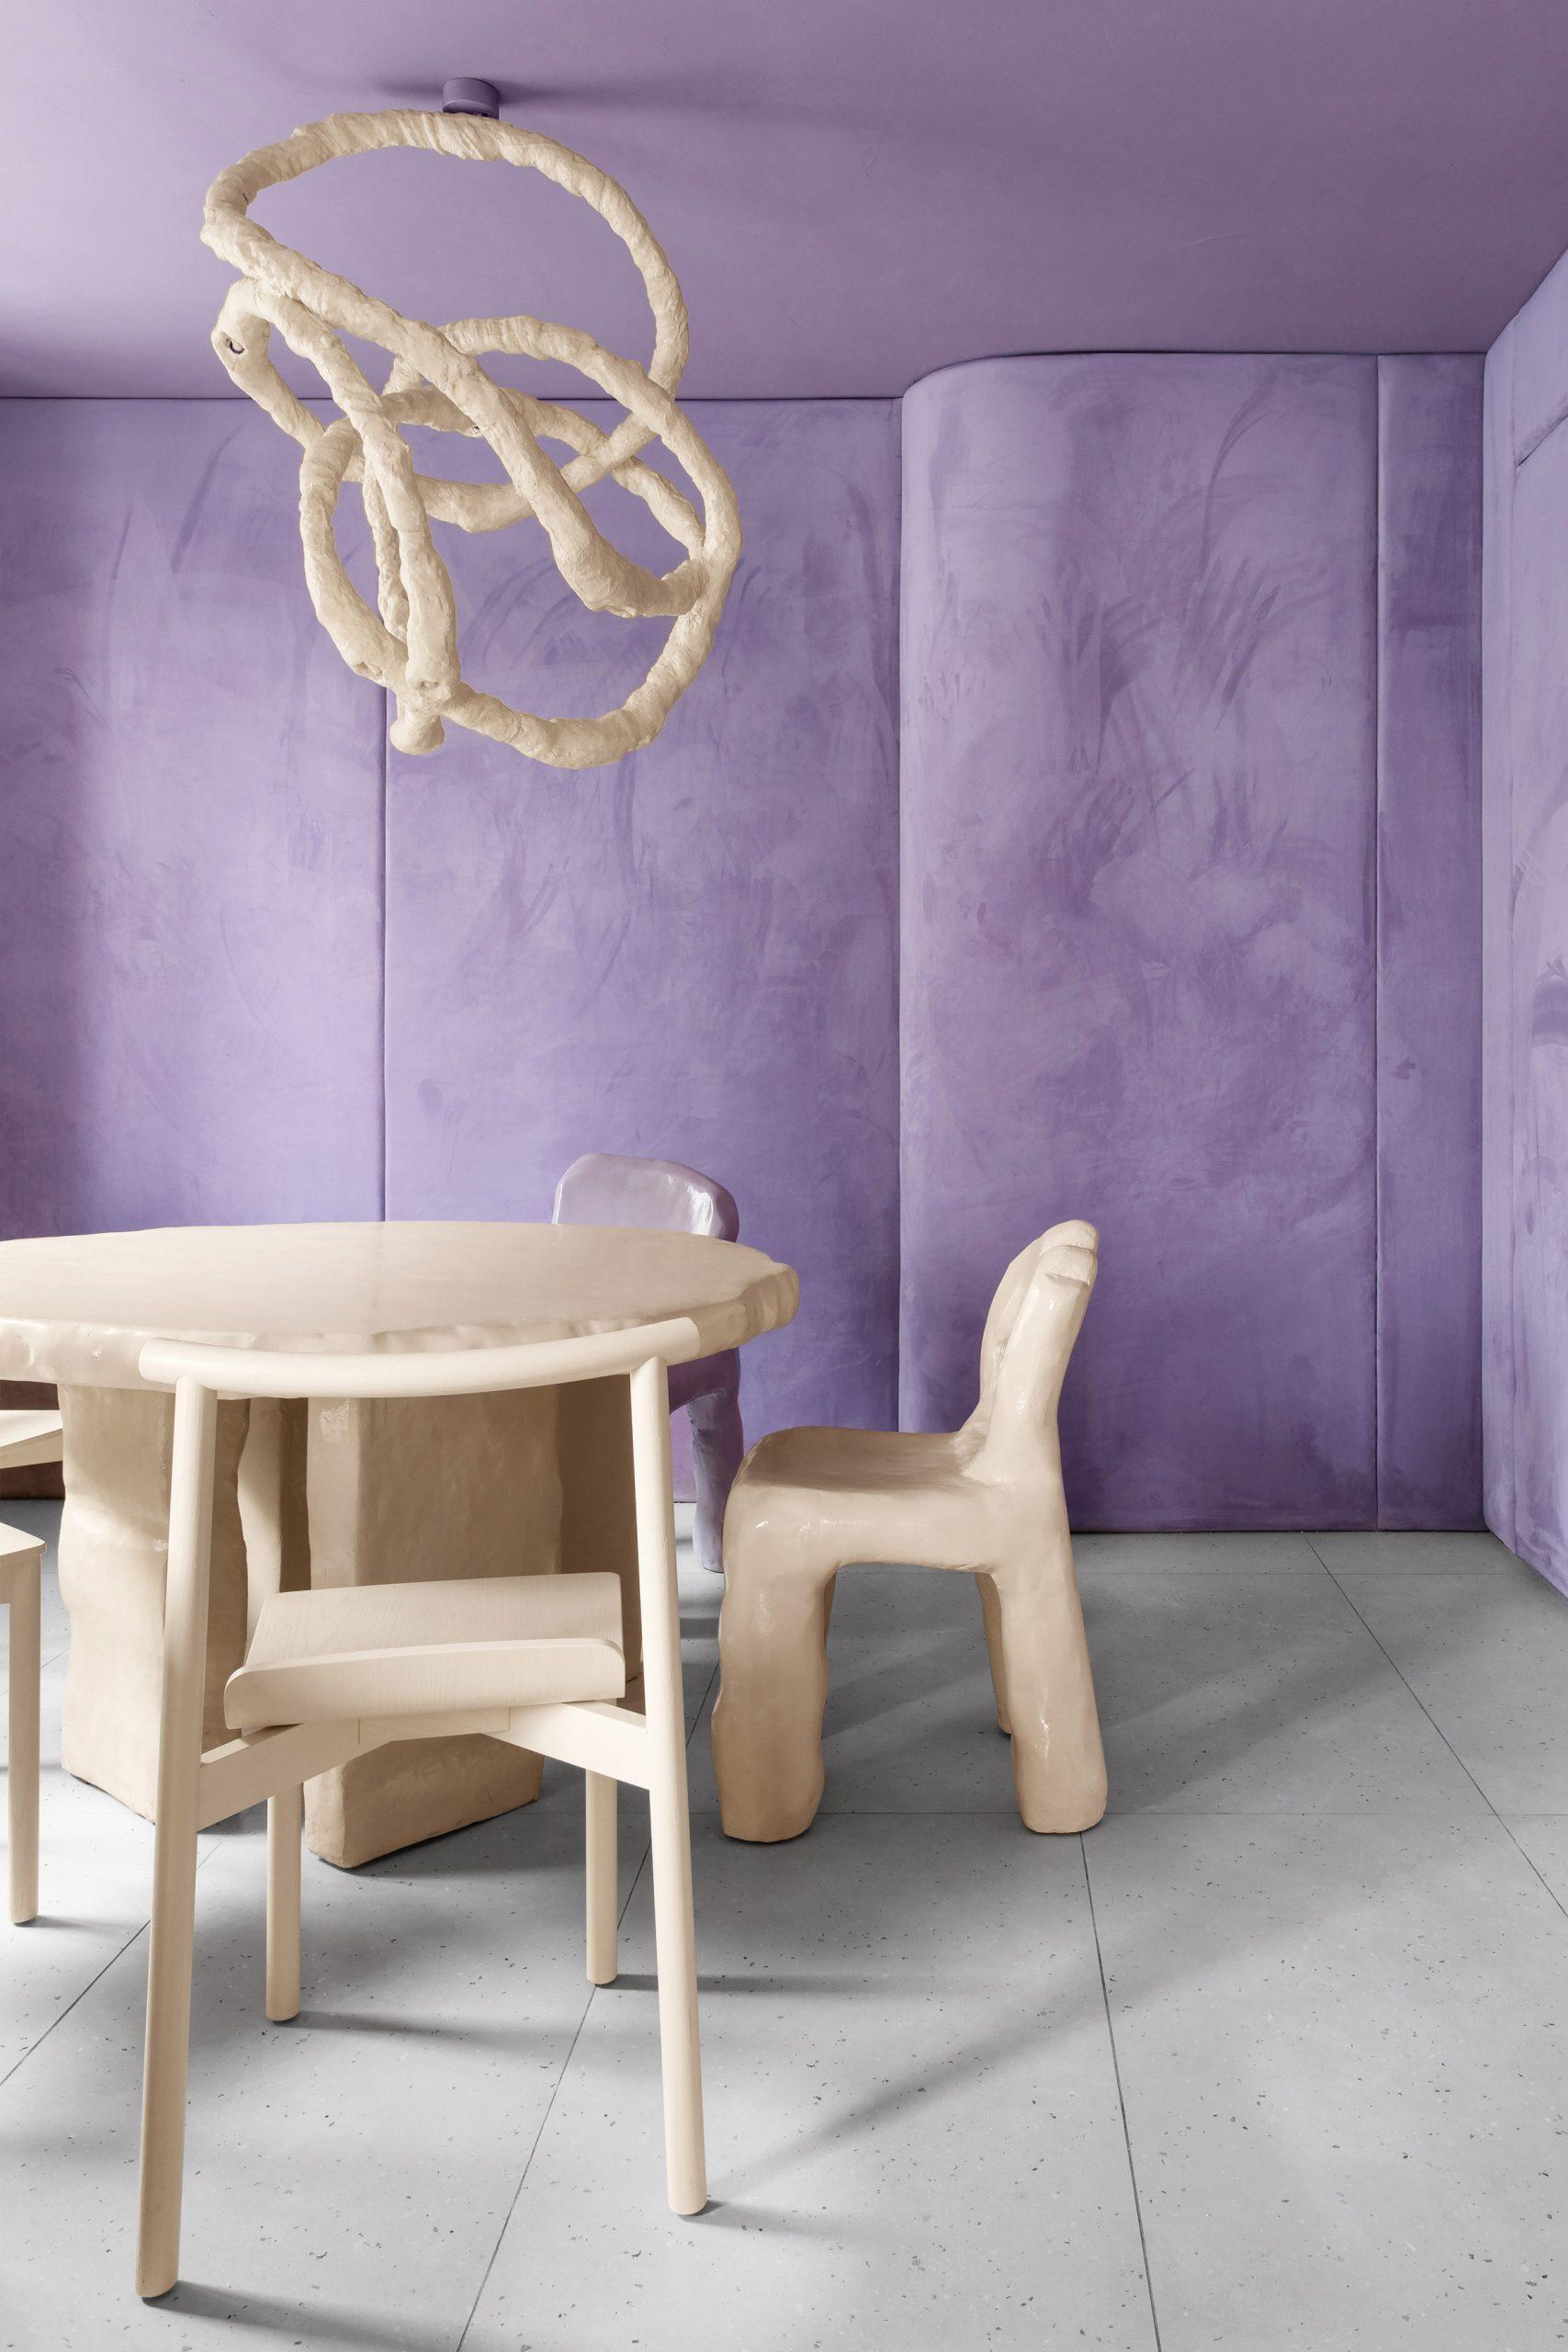 Walls and furniture inside Cafe Krujok